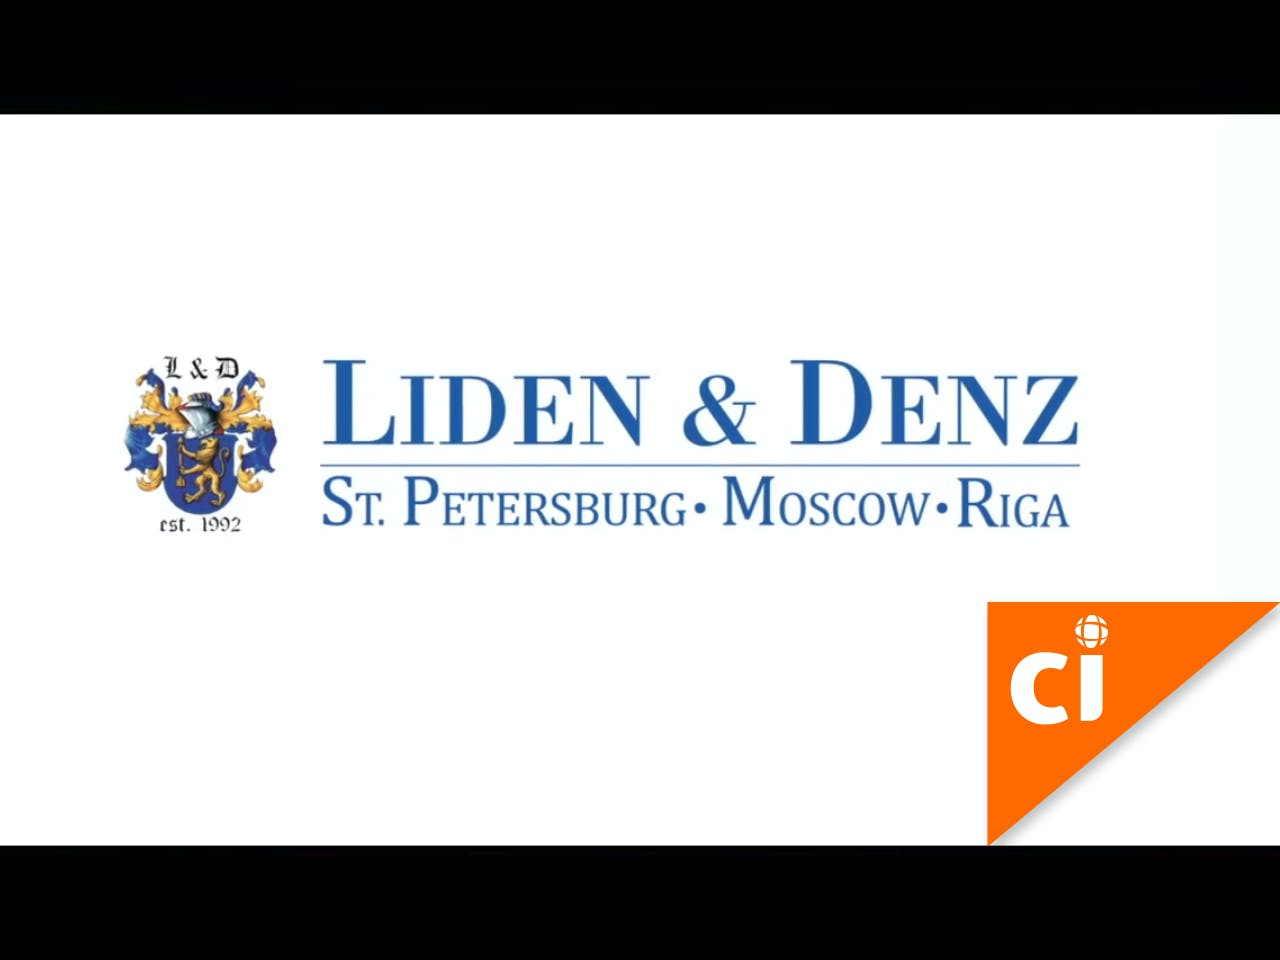 Escola | Liden & Denz - St. Petersburg